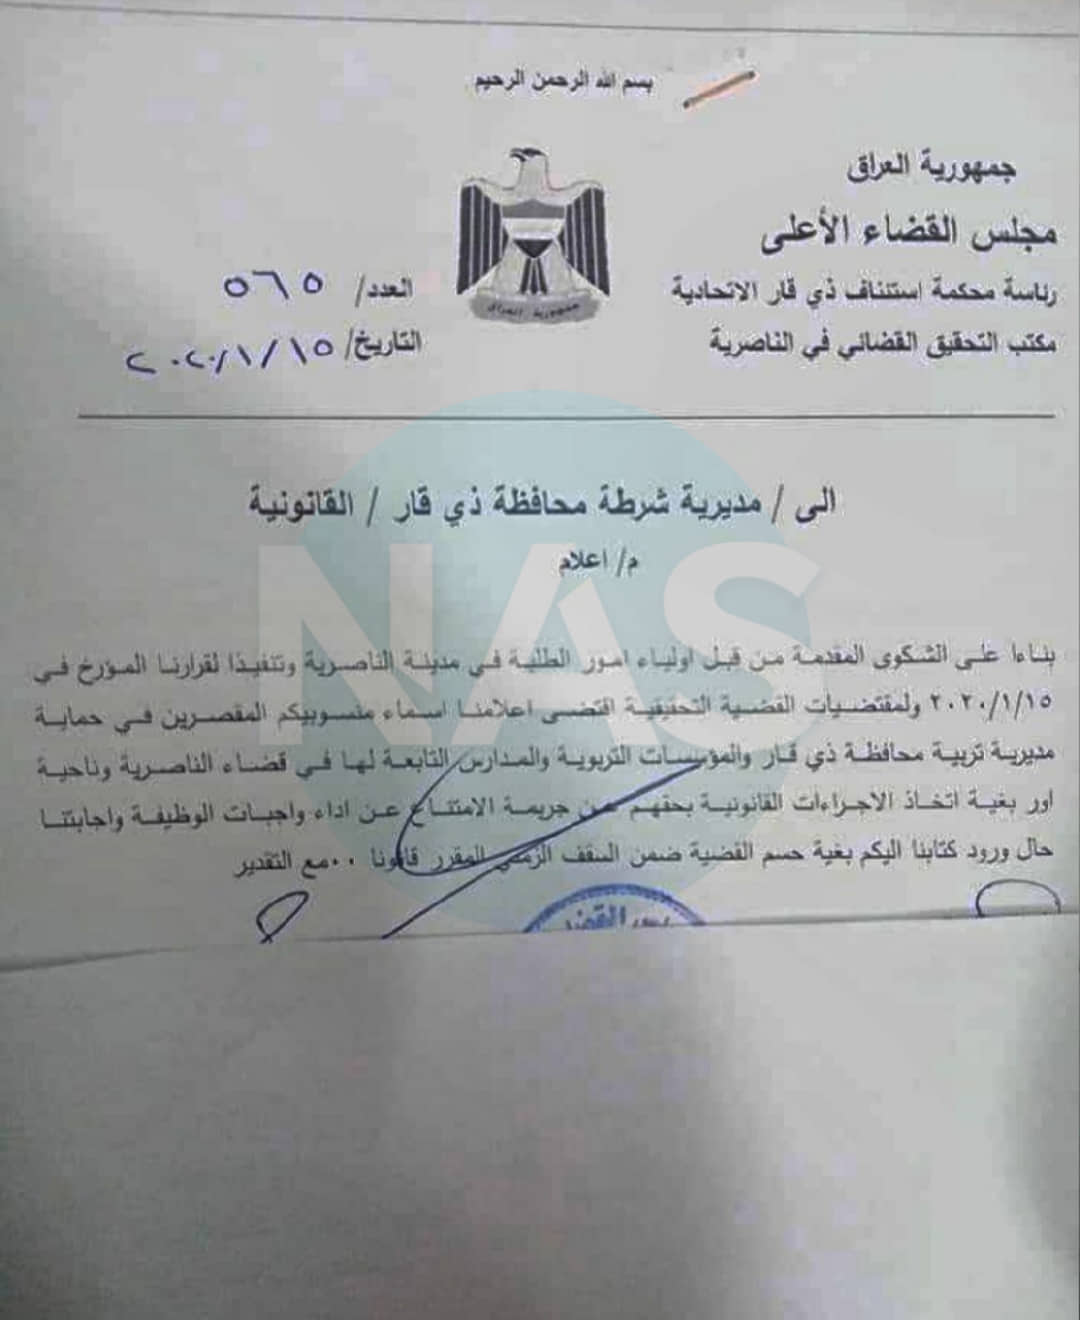 محكمة ذي قار تتوعد مدراء مدارس وعناصر أمن.. وتطلب قوائم بأسمائهم!